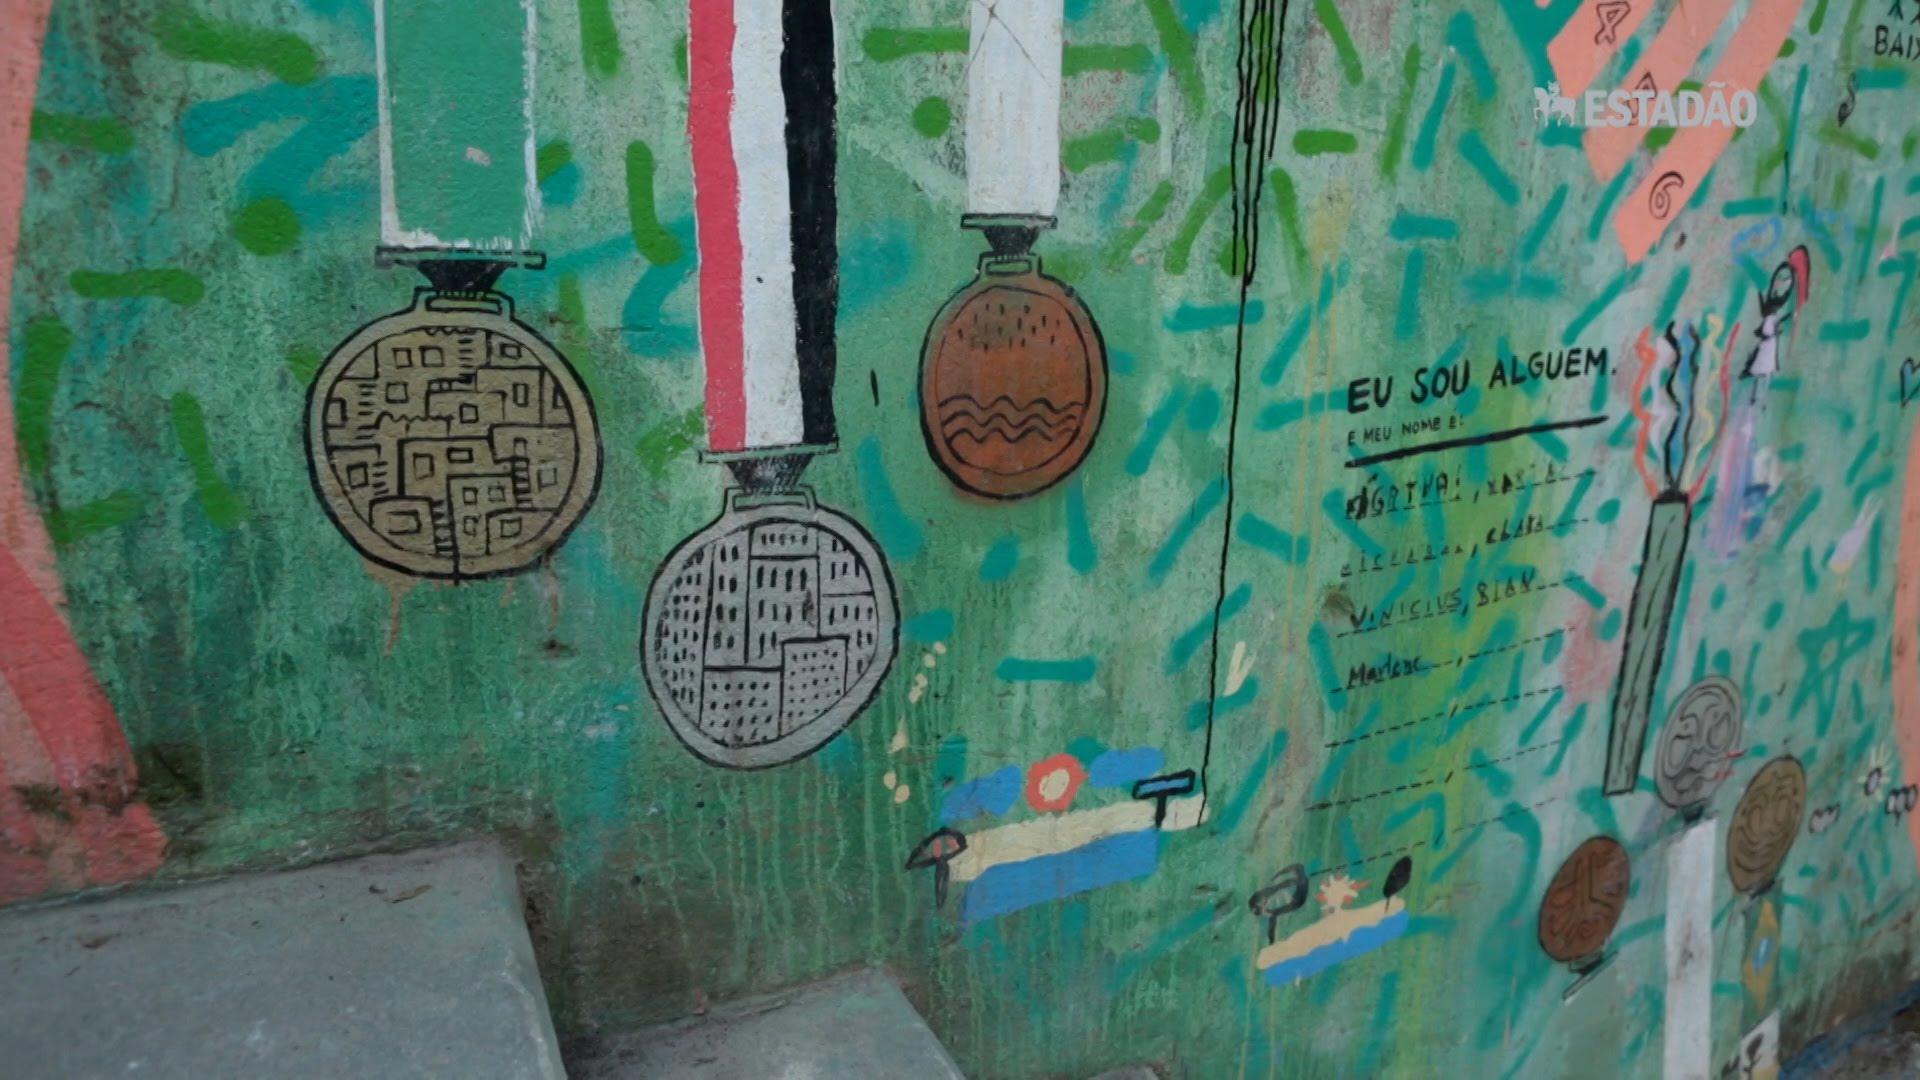 Rio 2016: Os Jogos da Exclusão